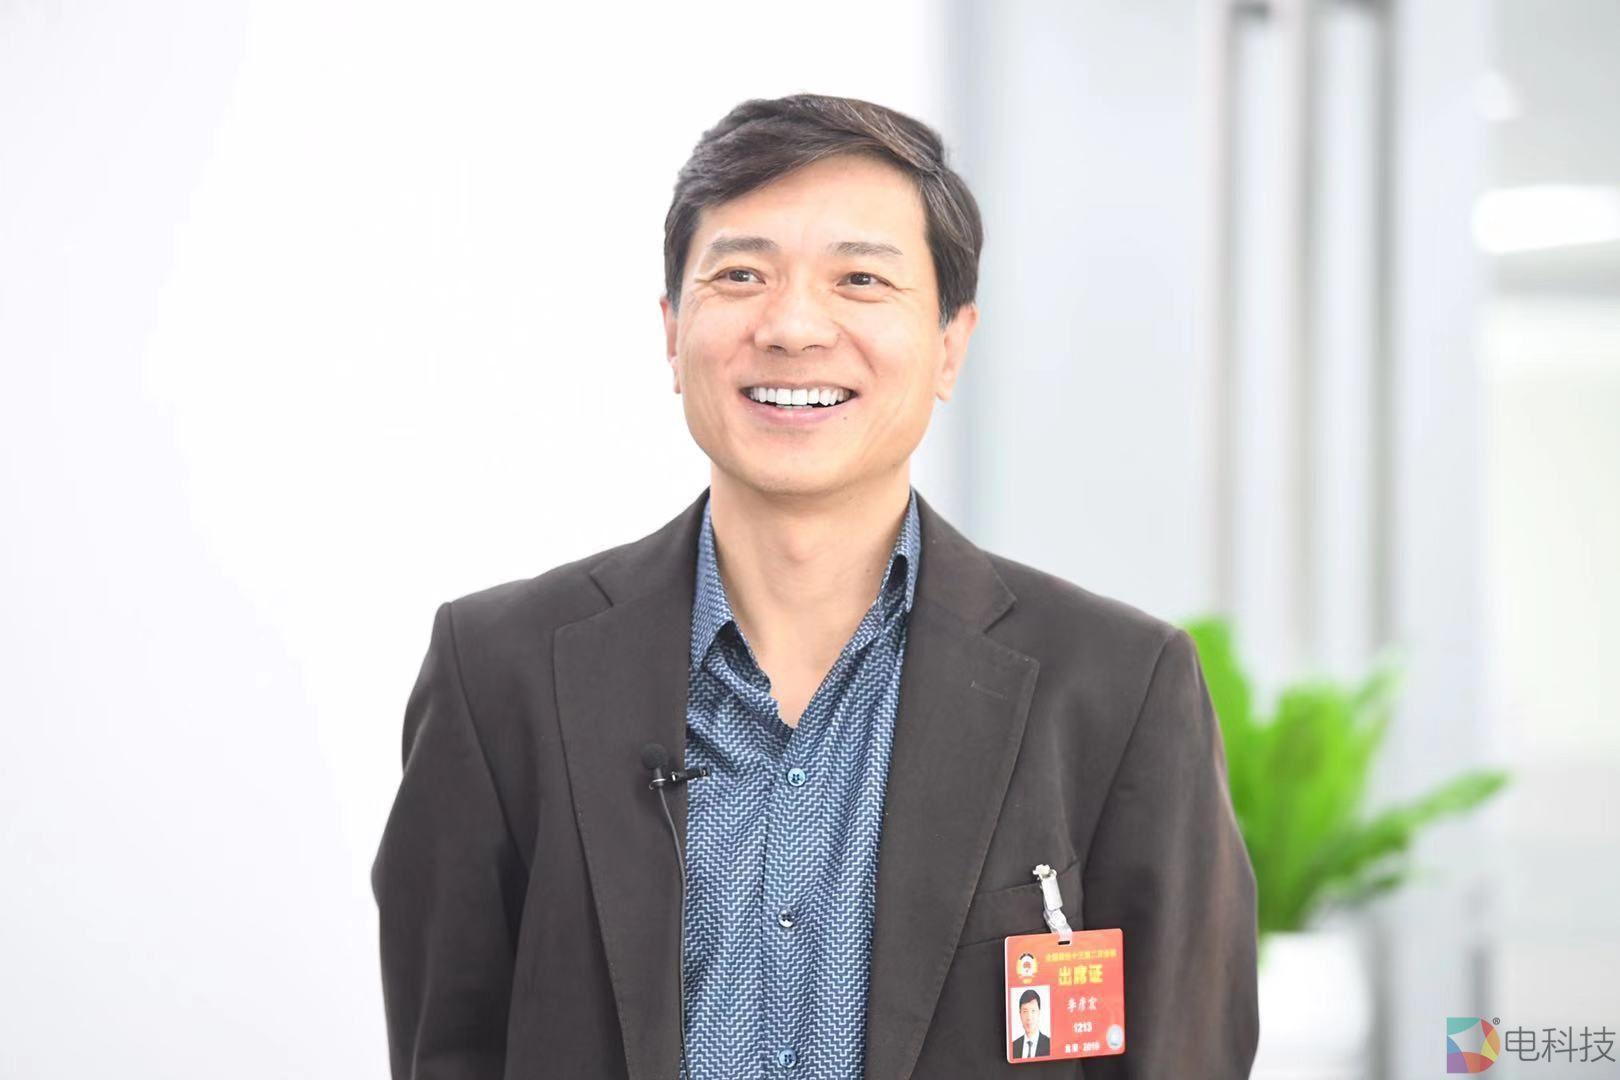 李彦宏:人工智能伦理将是未来智能社会的发展基石